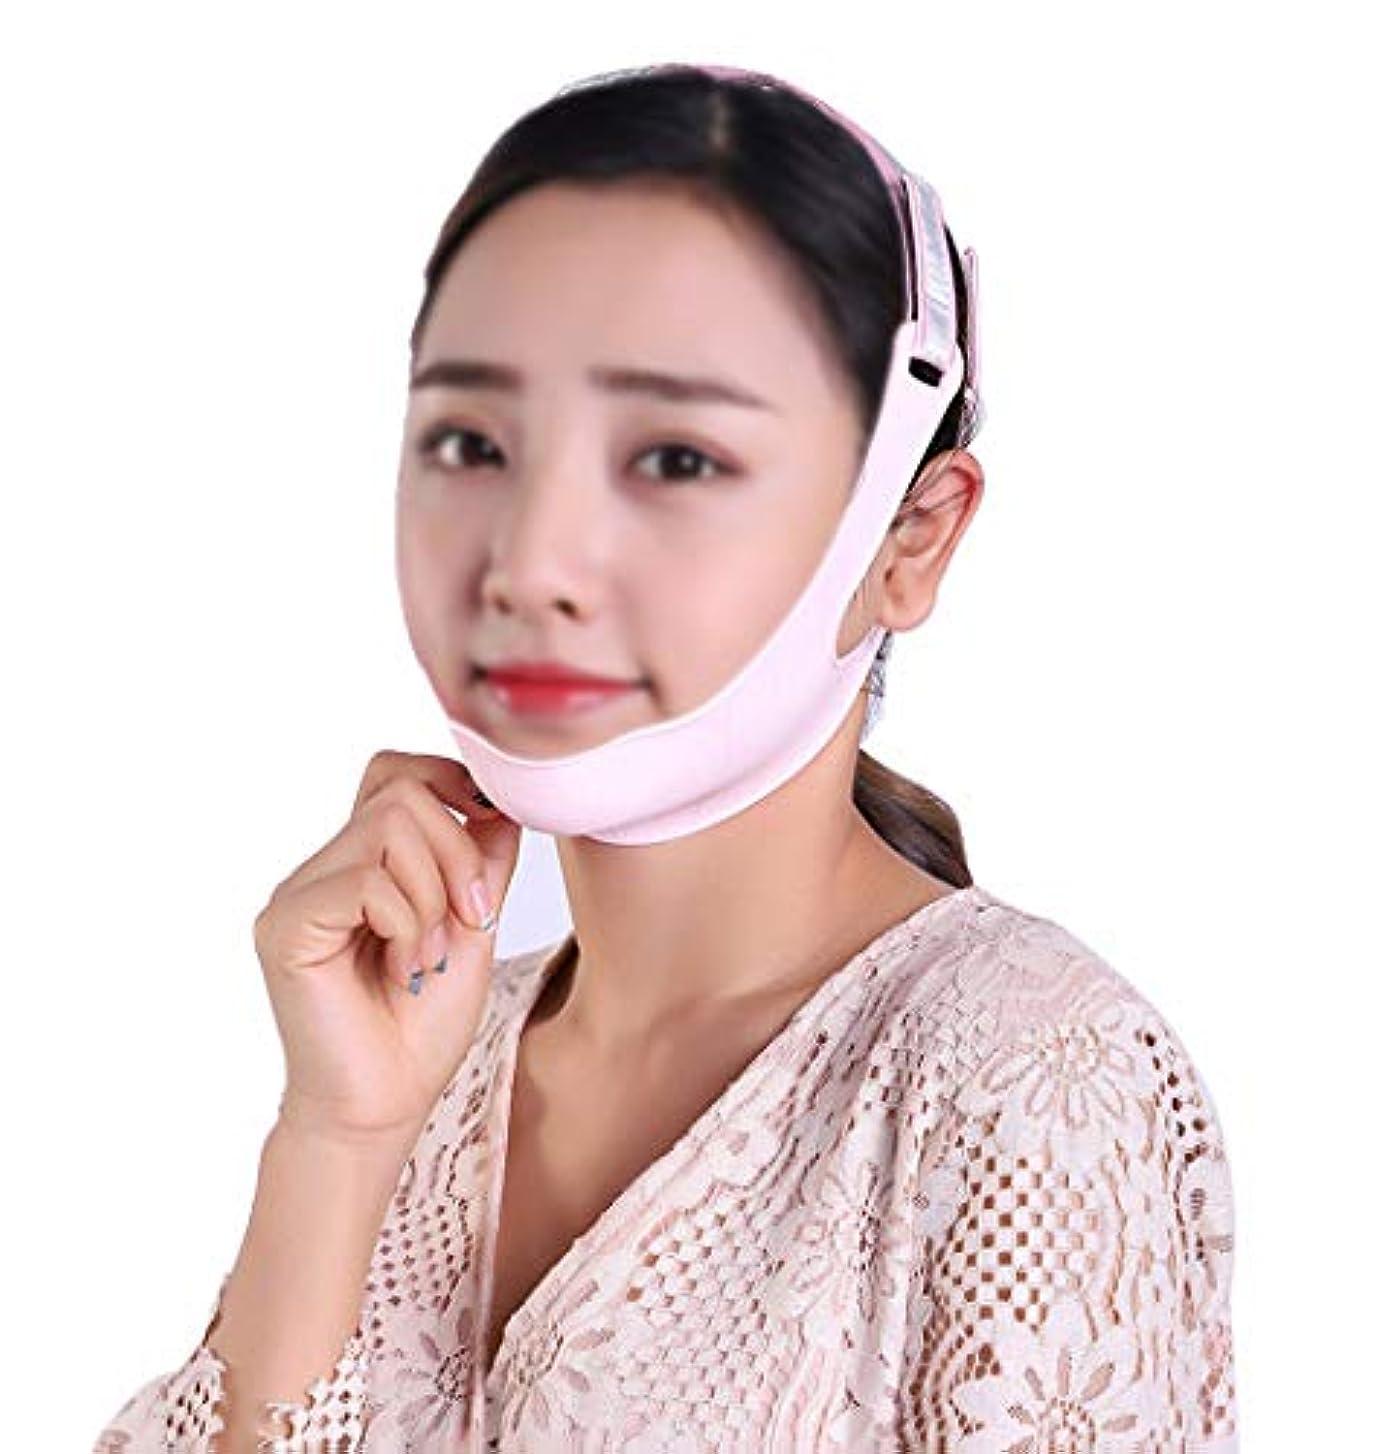 ゲートウェイ製作ボタンTLMY フェイシャルリフティングマスクシリコンVマスク引き締めフェイシャル包帯スモールVフェイスアーティファクト防止リラクゼーションフェイシャル&ネックリフティング 顔用整形マスク (Size : M)